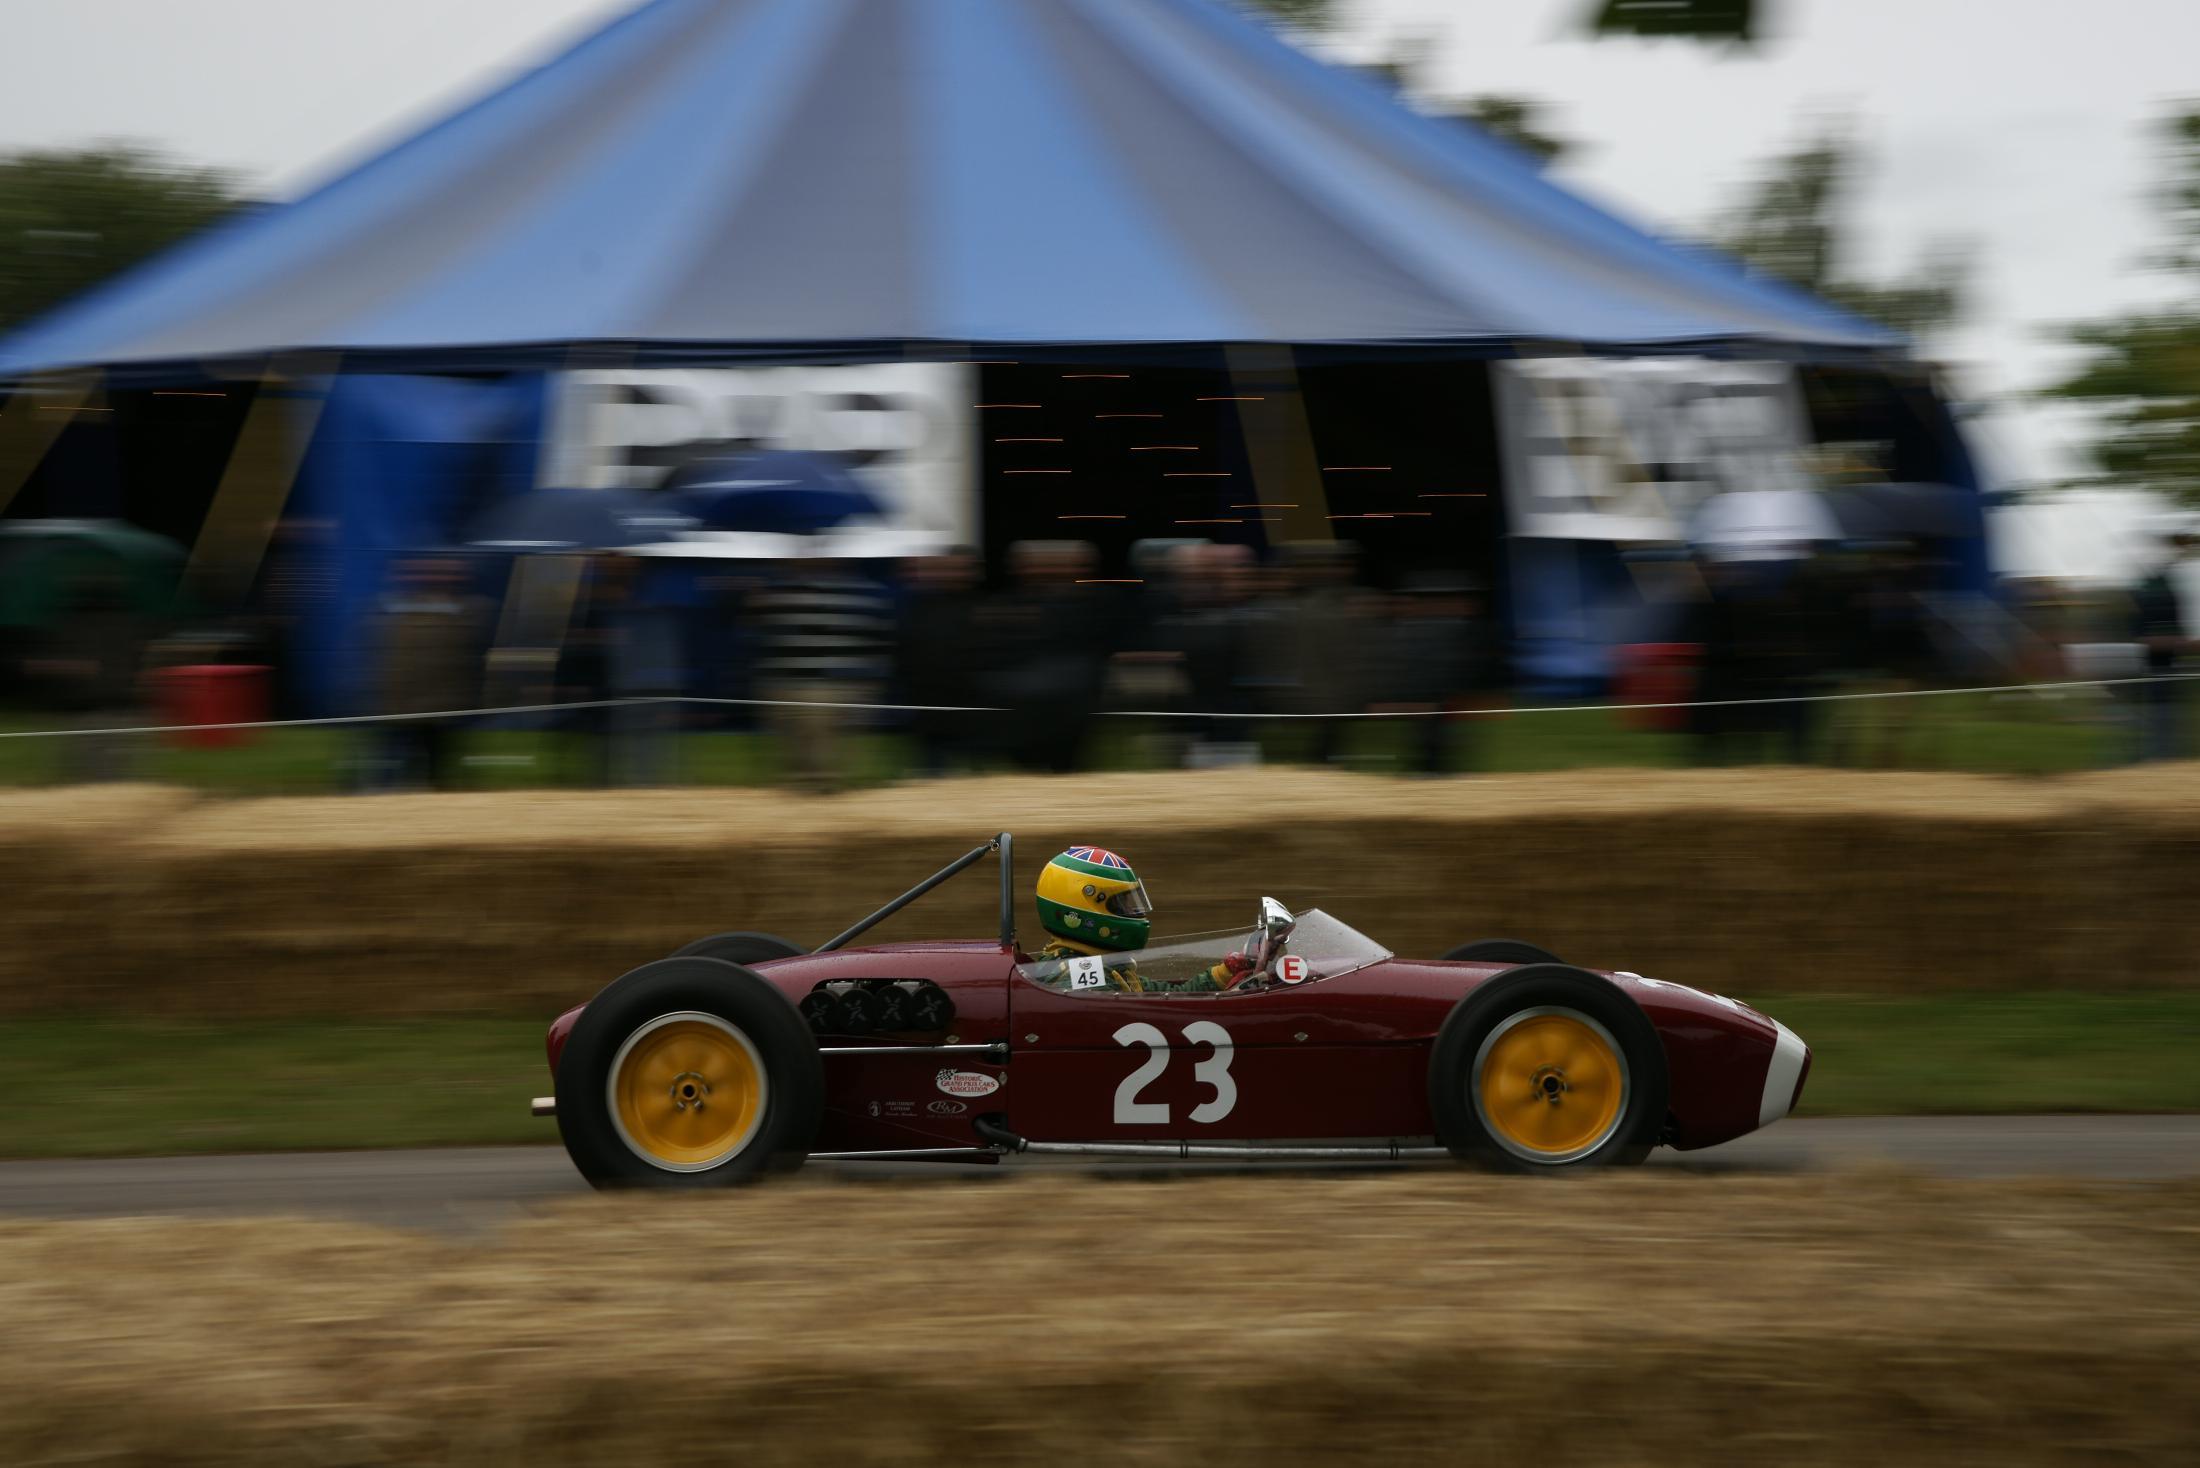 Lotus 18 F1 Cholmondeley 2012